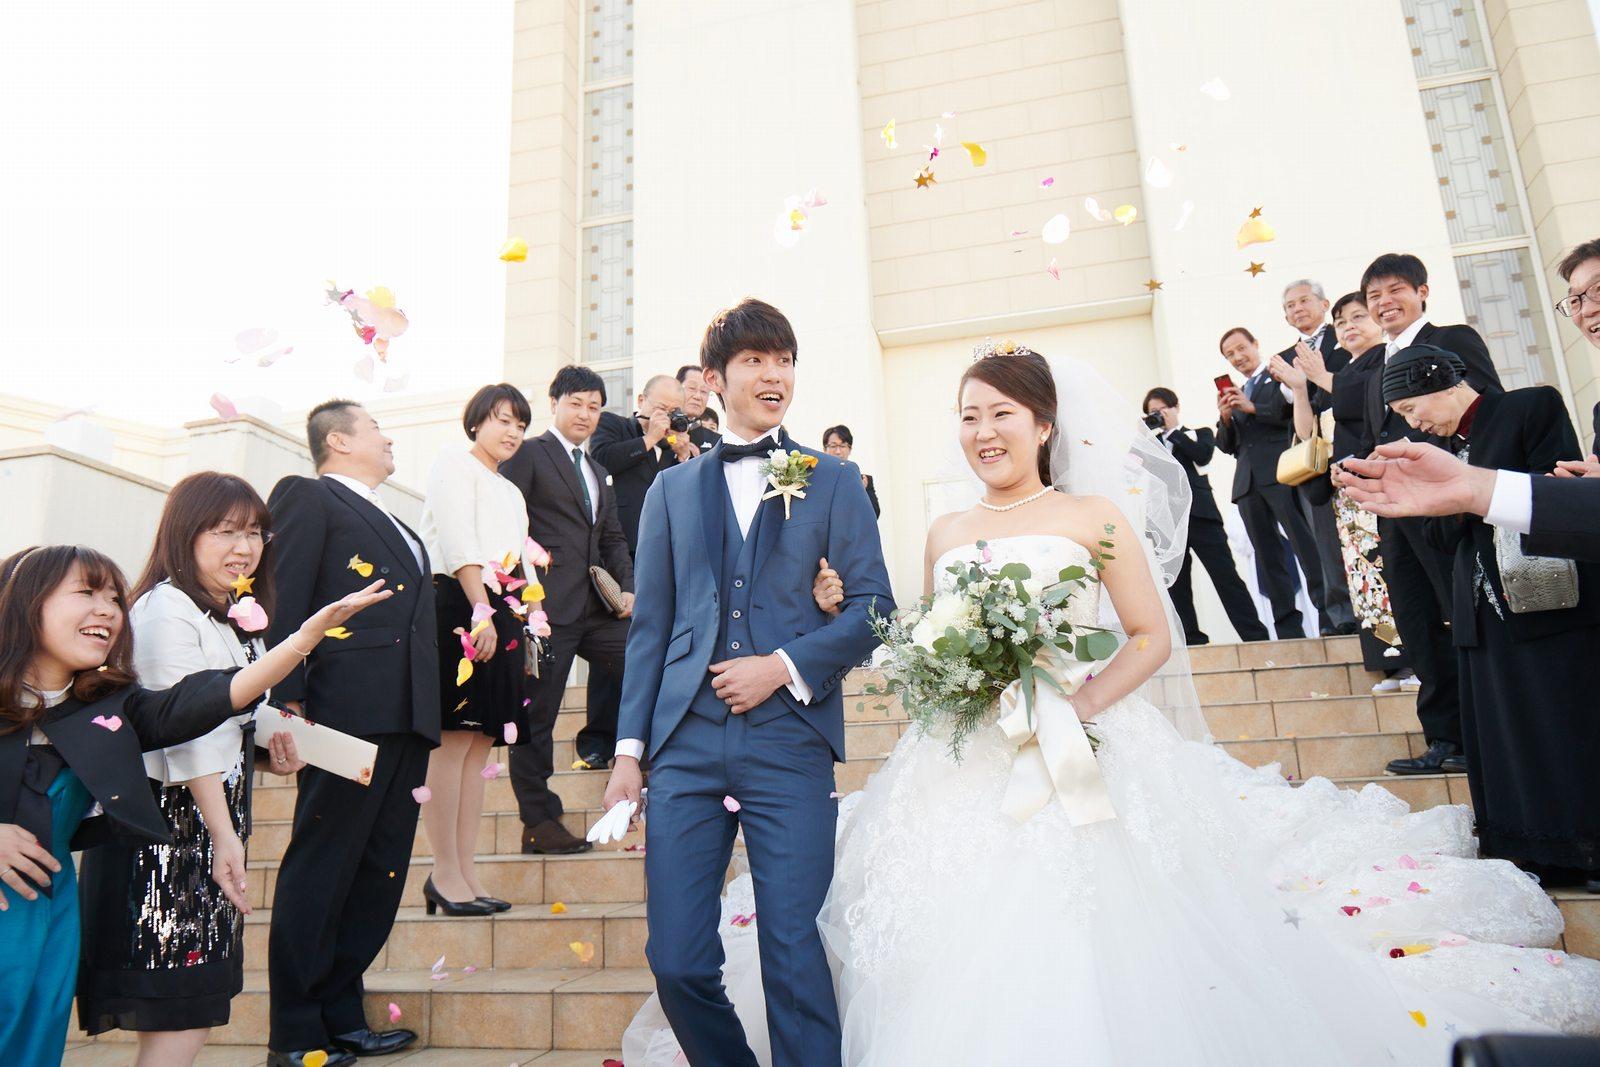 徳島県の結婚式場ブランアンジュの大階段でアフターセレモニー